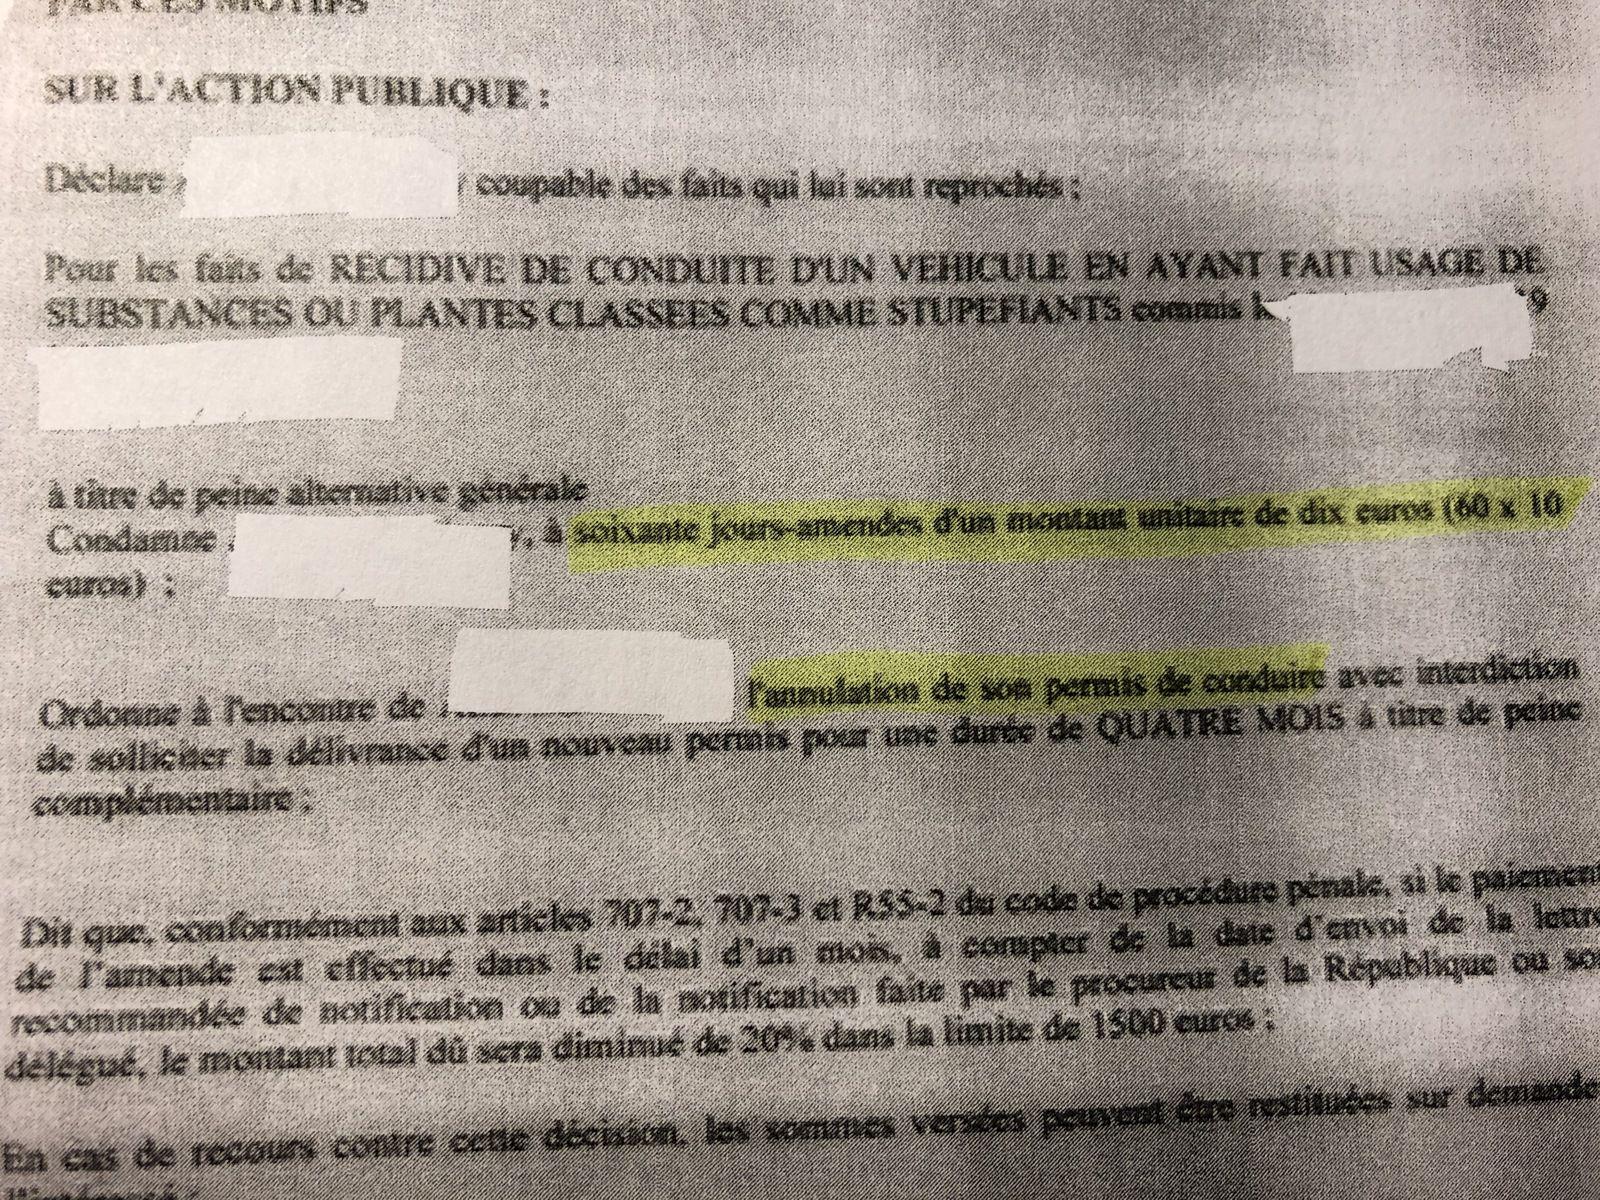 ordonnance pénale annulation du permis de conduire